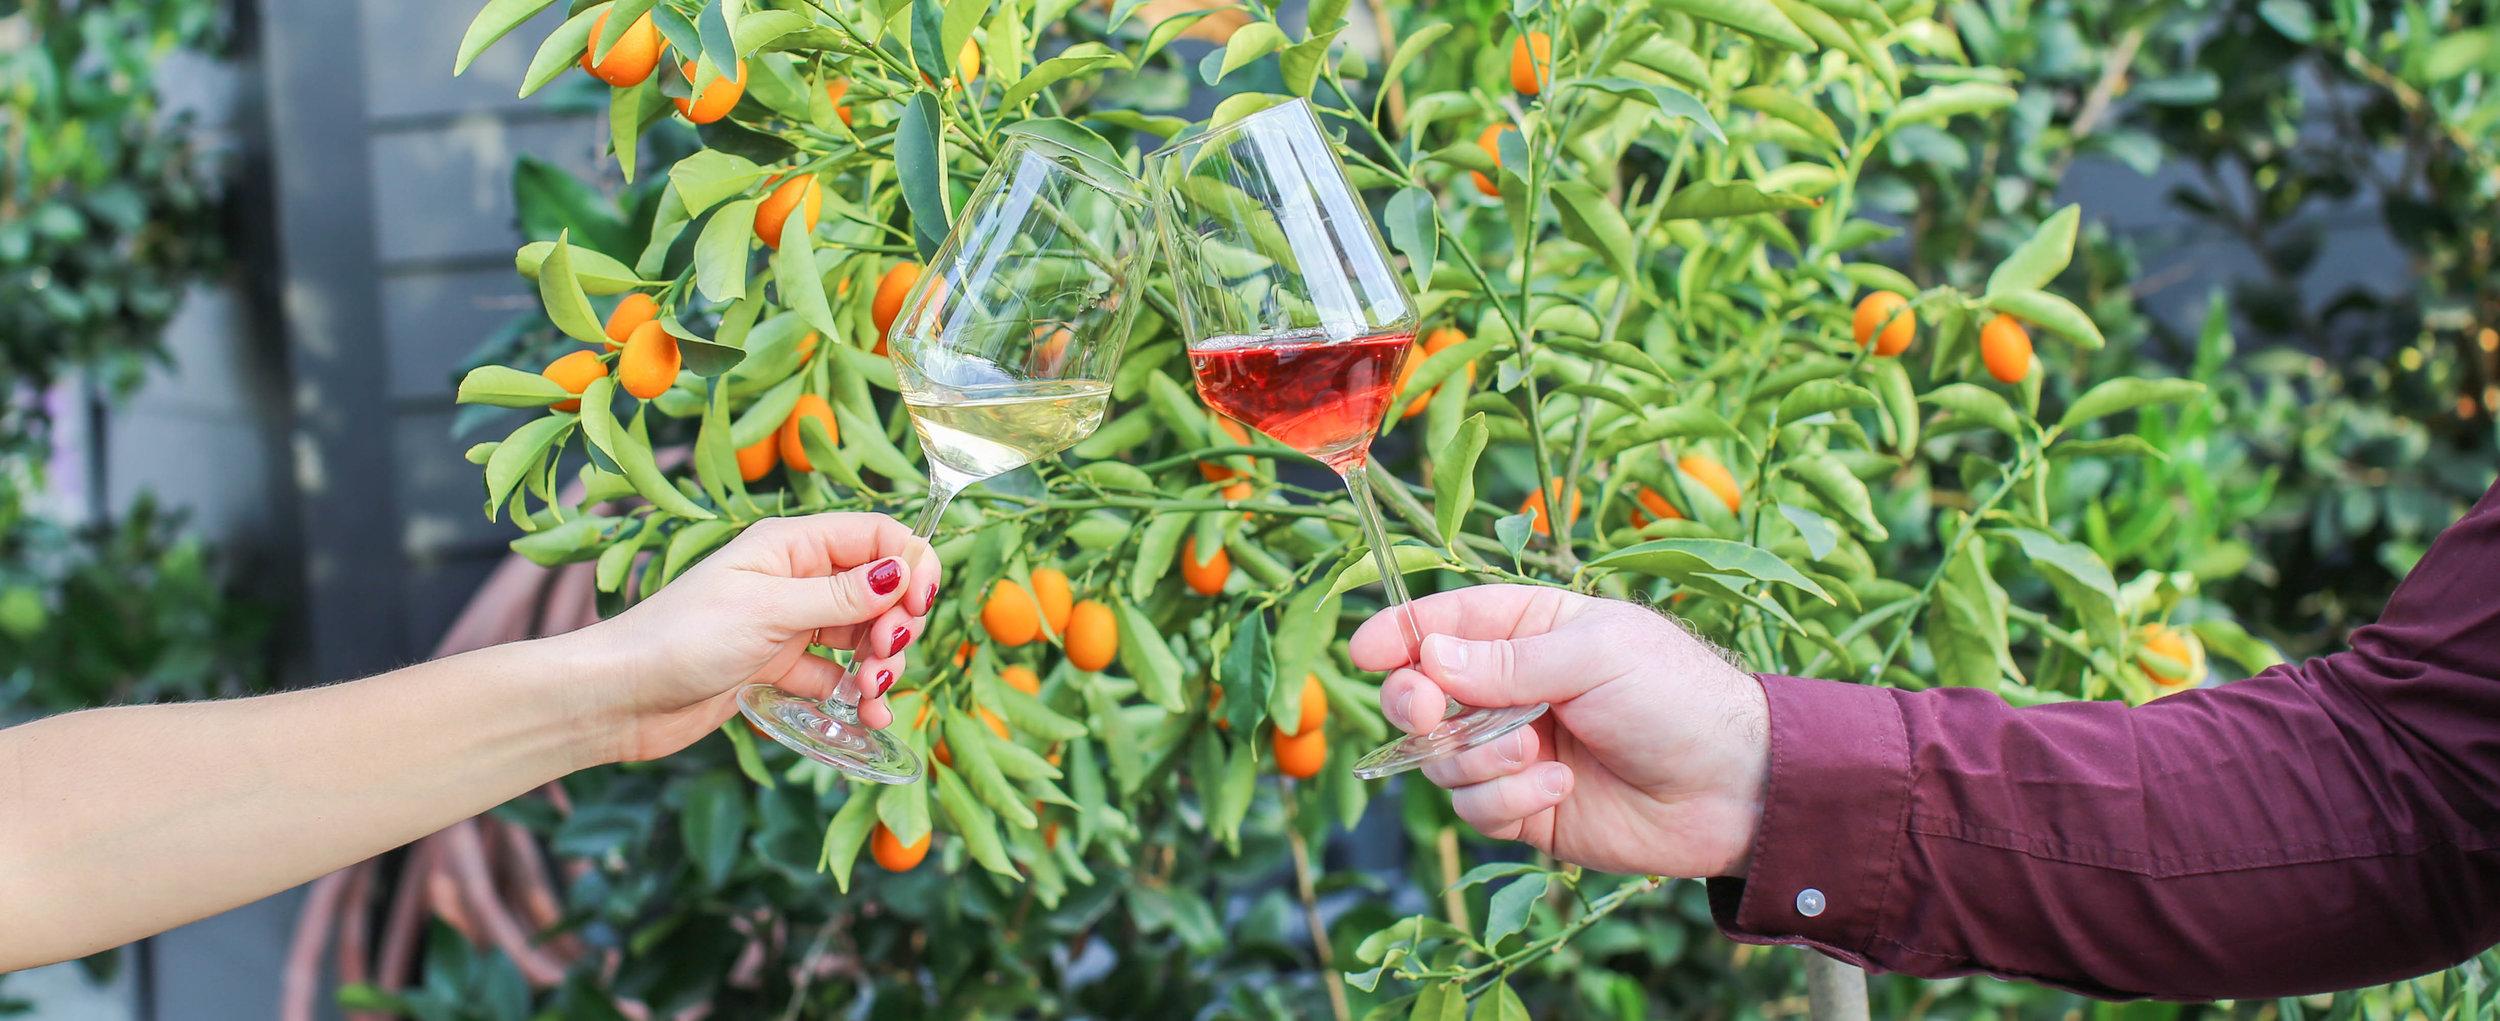 cheers-and-oranges-wide.jpg